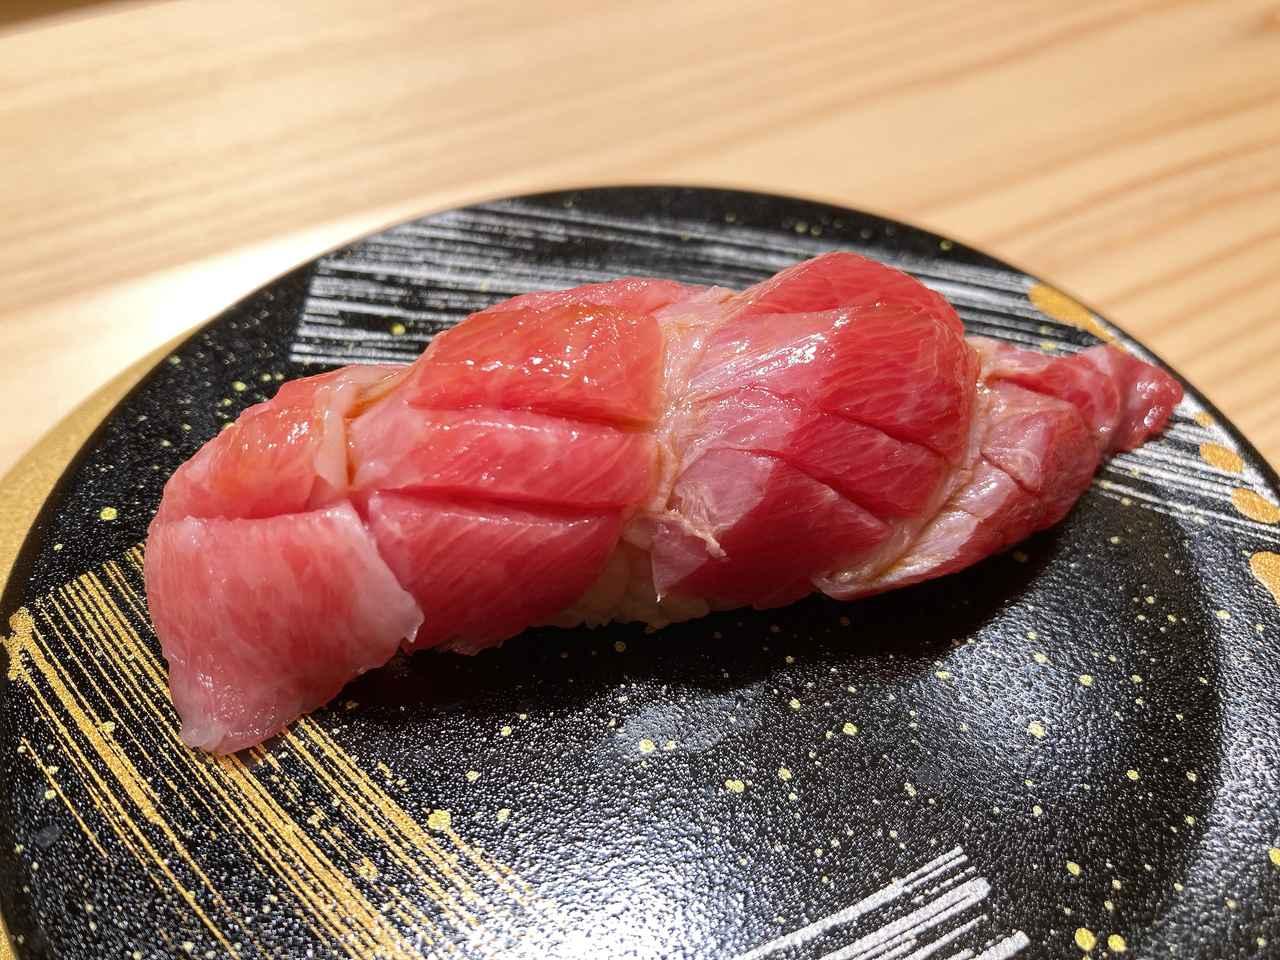 画像7: 【試食レポ】もはやレベチ!表参道でいただく廻転鮨が贅沢すぎる♥♡